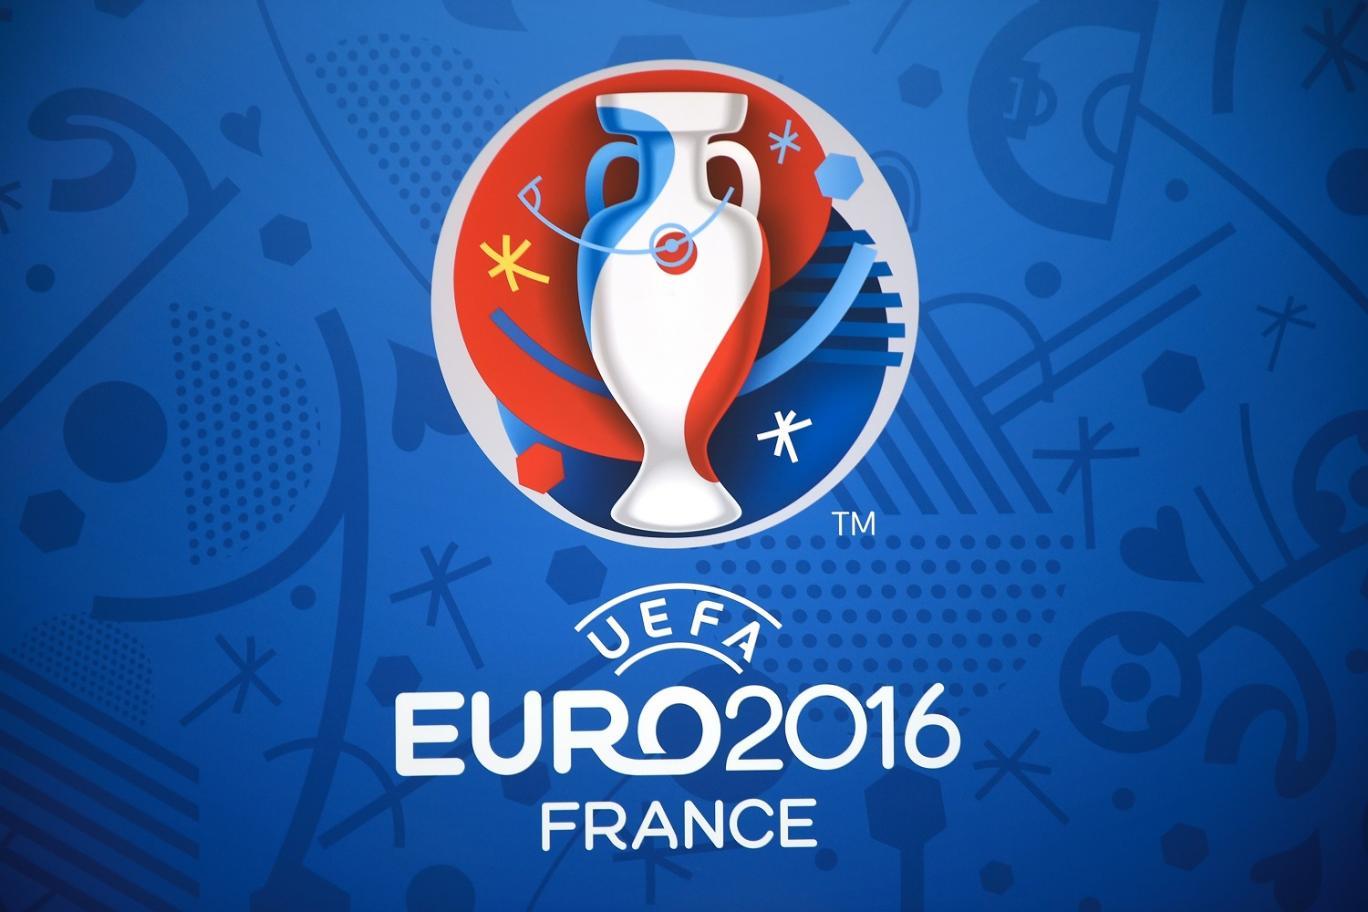 Oficiālais 2016. gada Eiropas čempionāta logo.